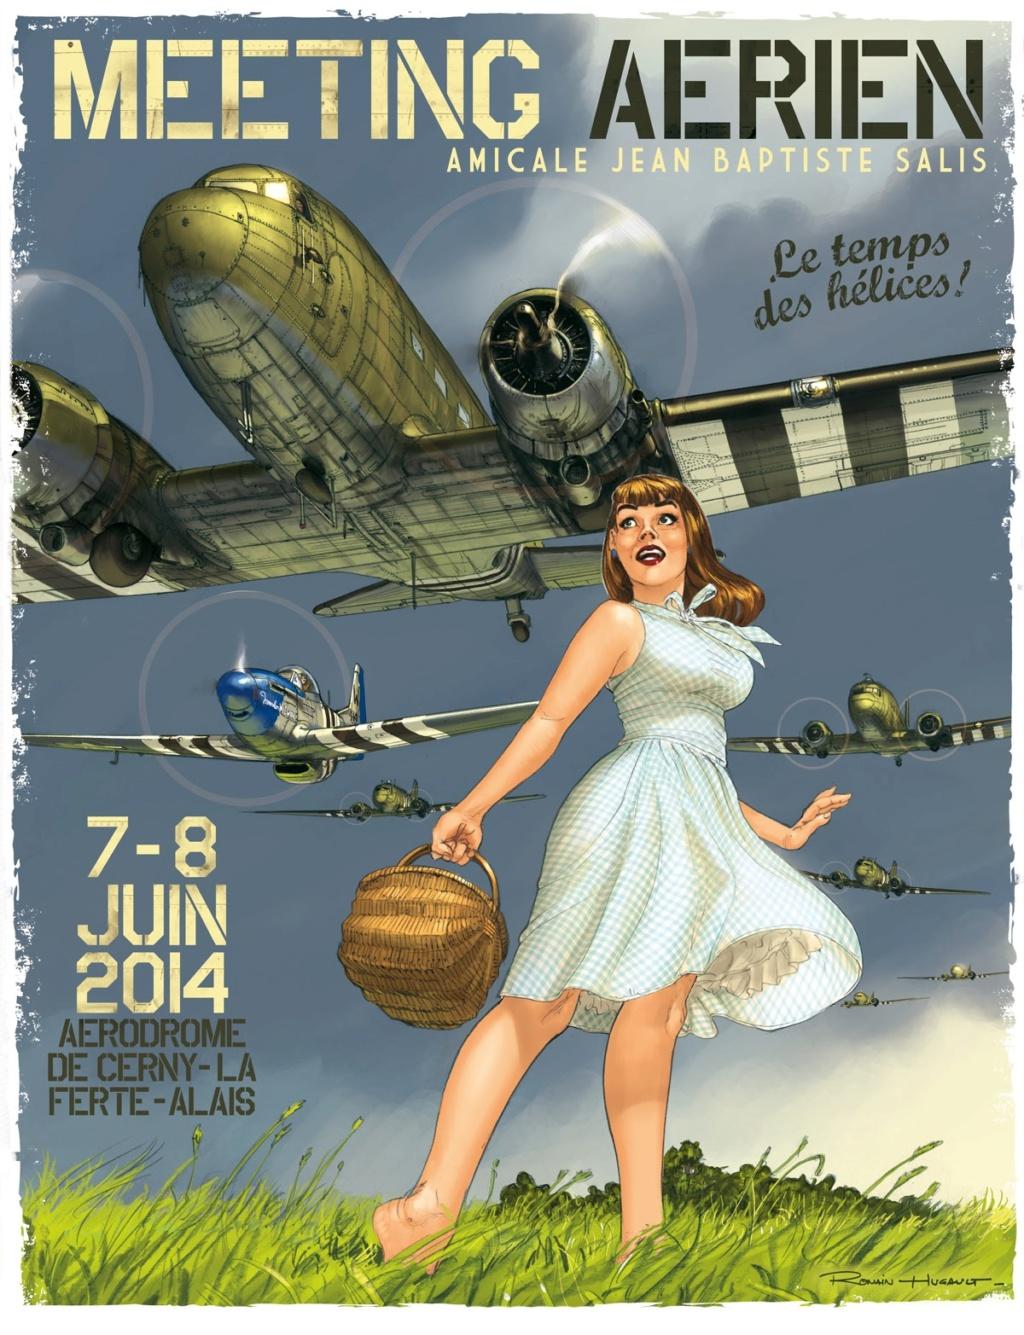 R.HUGAULT : ses affiches des meeting aériens de la Ferté-Allais 88542910